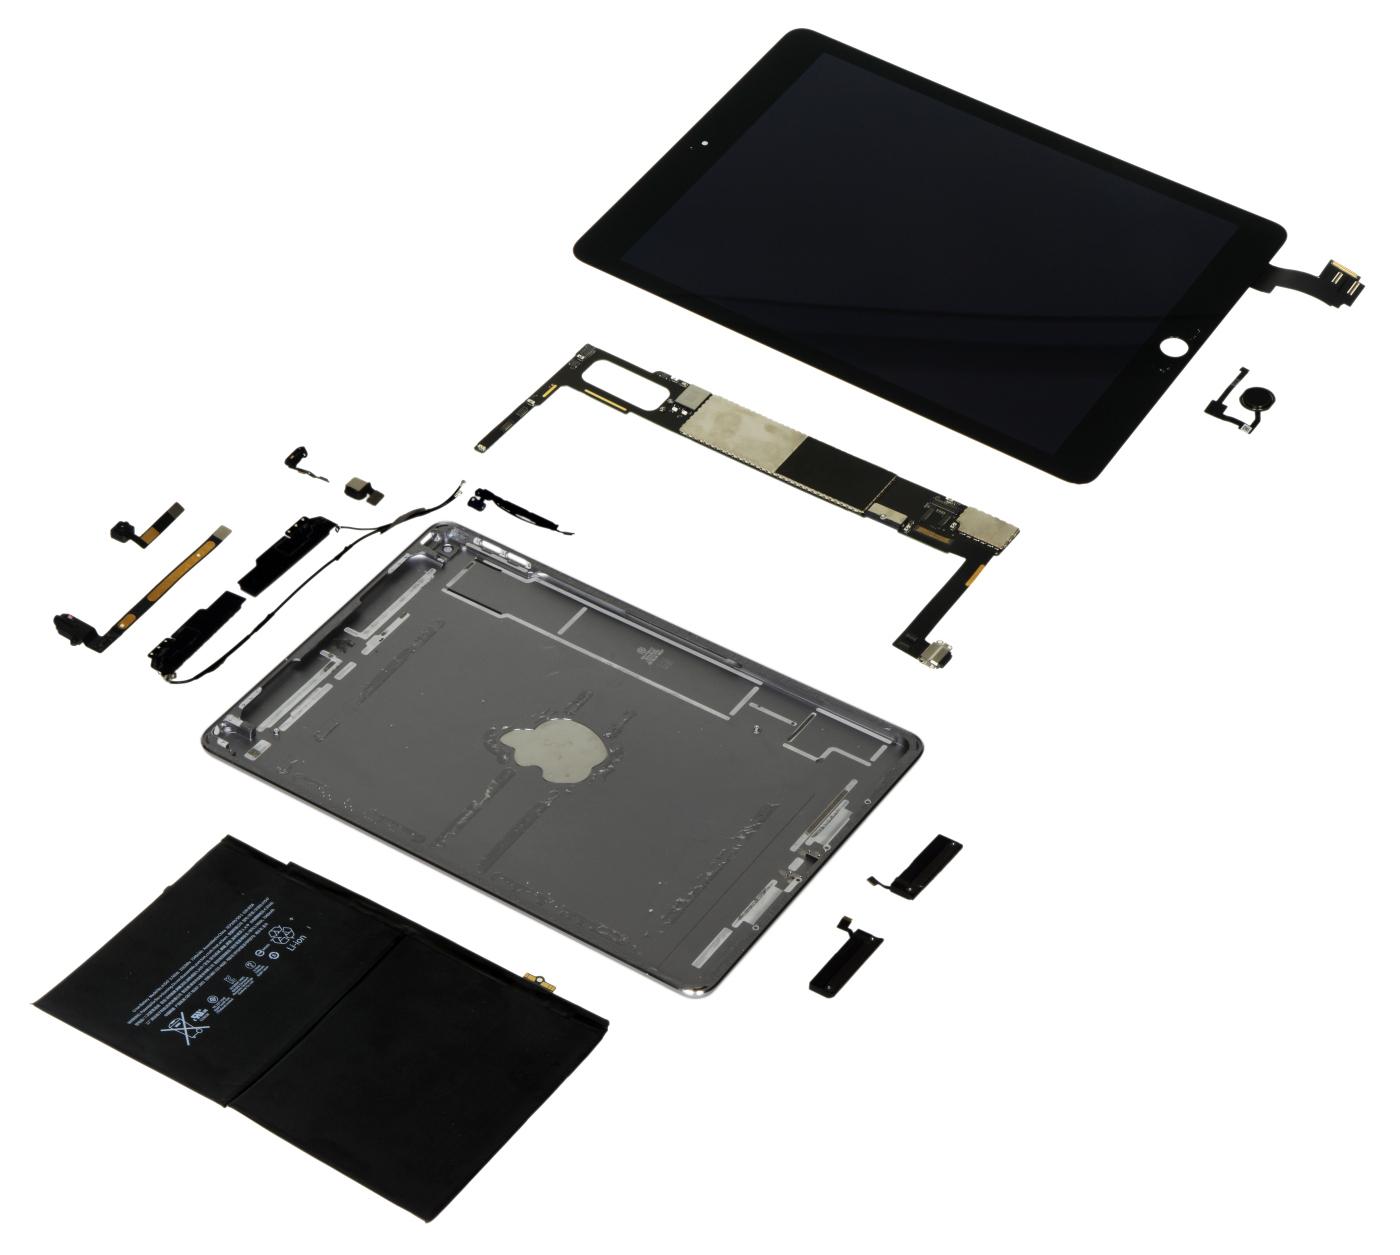 iPad Air 2 desmontado